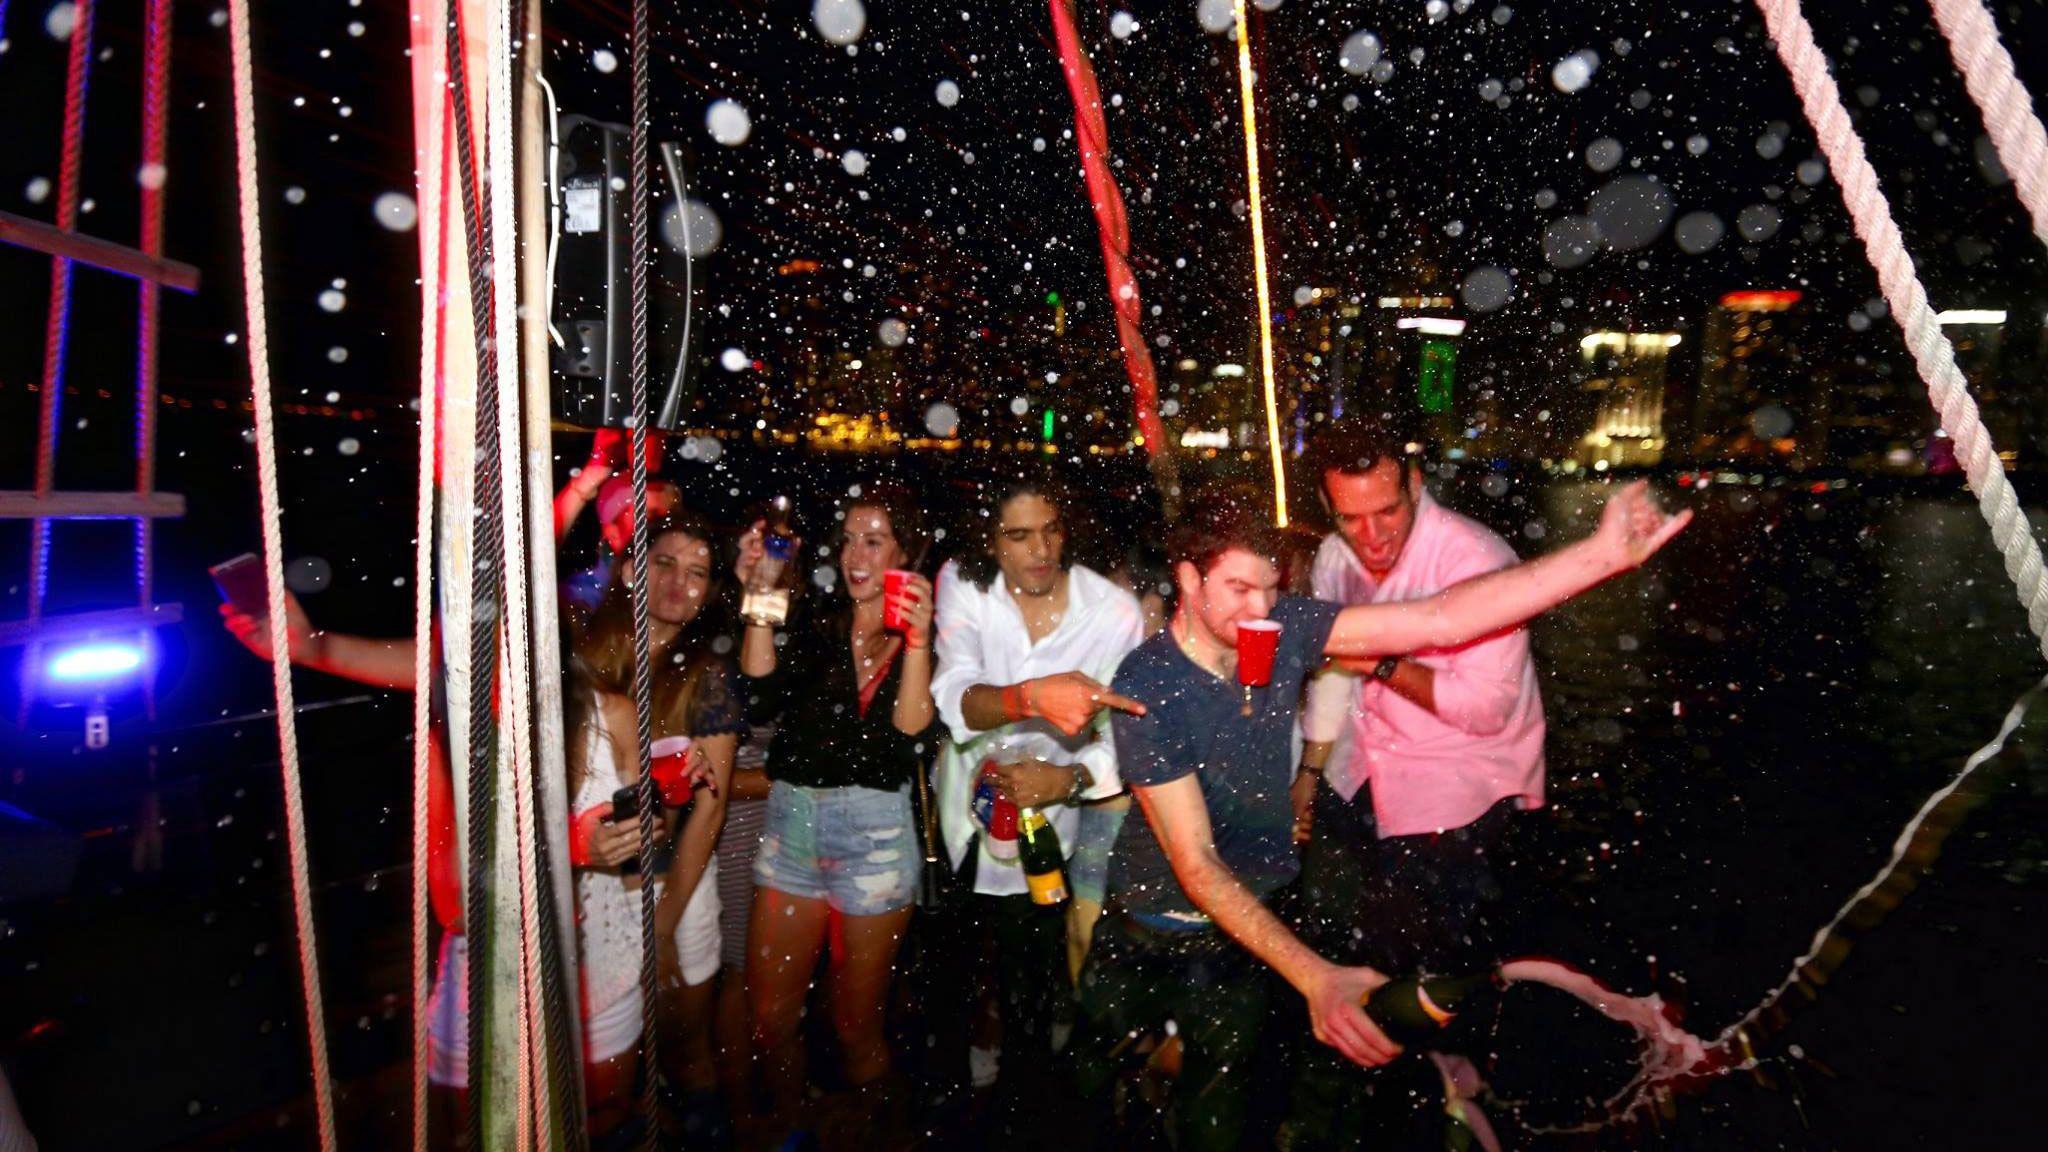 Soirée festive sur un bateau à Miami